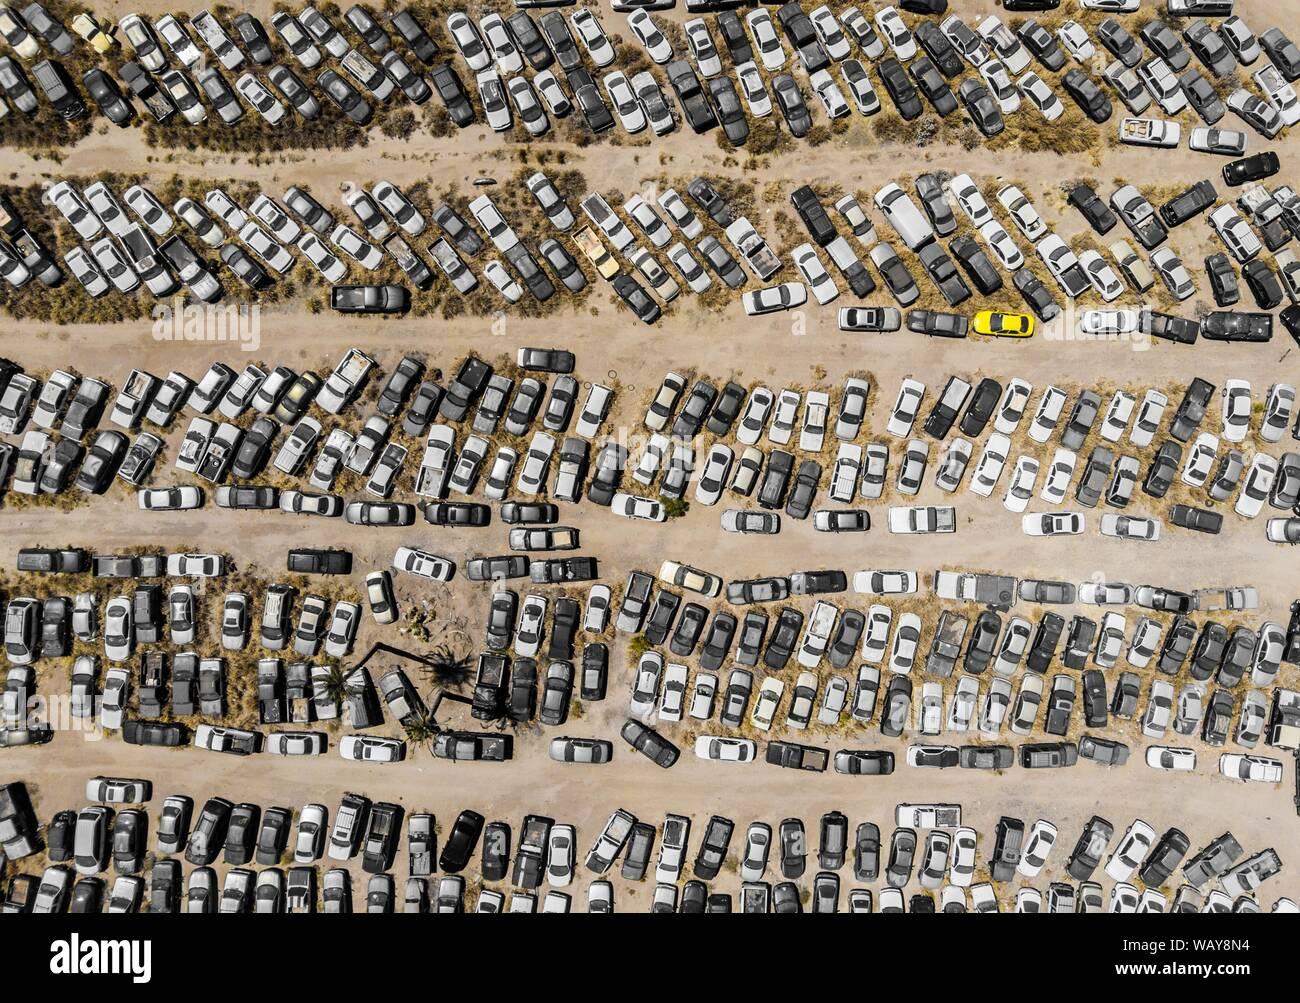 Aerial view of cars in the corralón, municipal corralón, cars stopped,Vista aerea de autos en el corralón, corralón municipal, automóviles detenidos. Hermosillo. Sonora. Photo: (NortePhoto / LuisGutierrez) keywords: aerial, aerial, aerial photo, aerial photography, urban, urbanity, city, many, lines, rectangle, rectangles, geometry, several, car, cars, motoring, cars, lanscape, urban landscape, luz de dia, daylight, aerial, aerea, aerial photo, aerial photography, urban, urbanidad, ciudad,  muchos, lineas, rectángulo, rectángulos, geometria, varios, car, cars, automovilismos , automóviles, lan Stock Photo